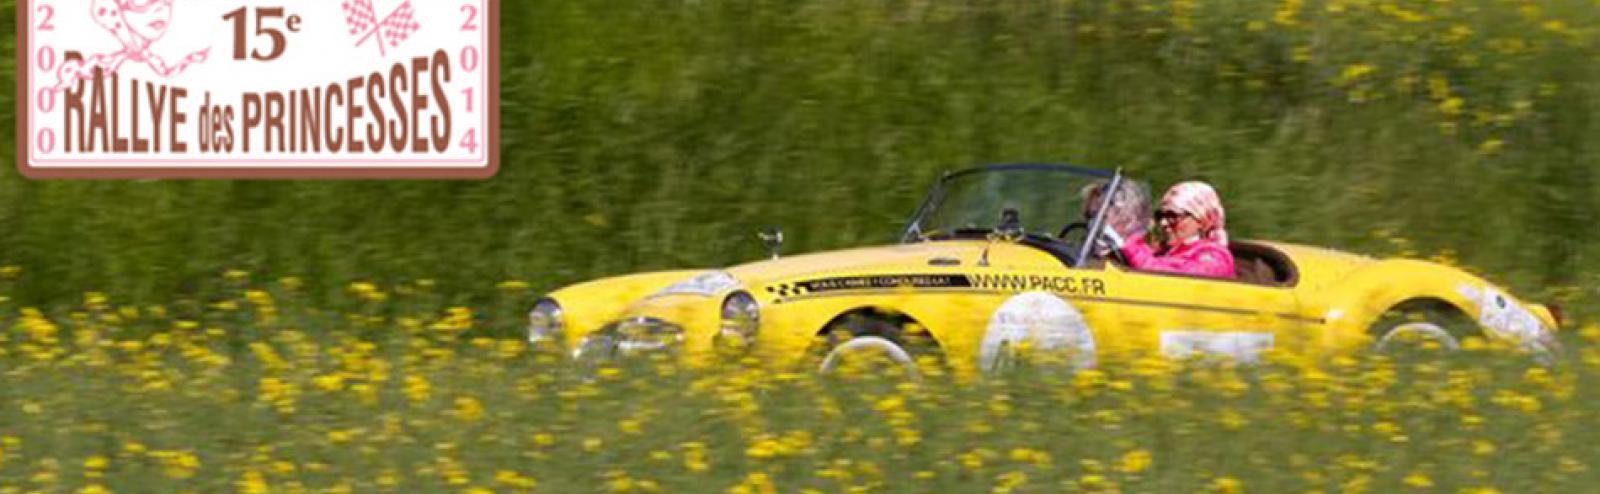 Le Rallye des princesses 2014 : c'est le 2 juin à Vichy !